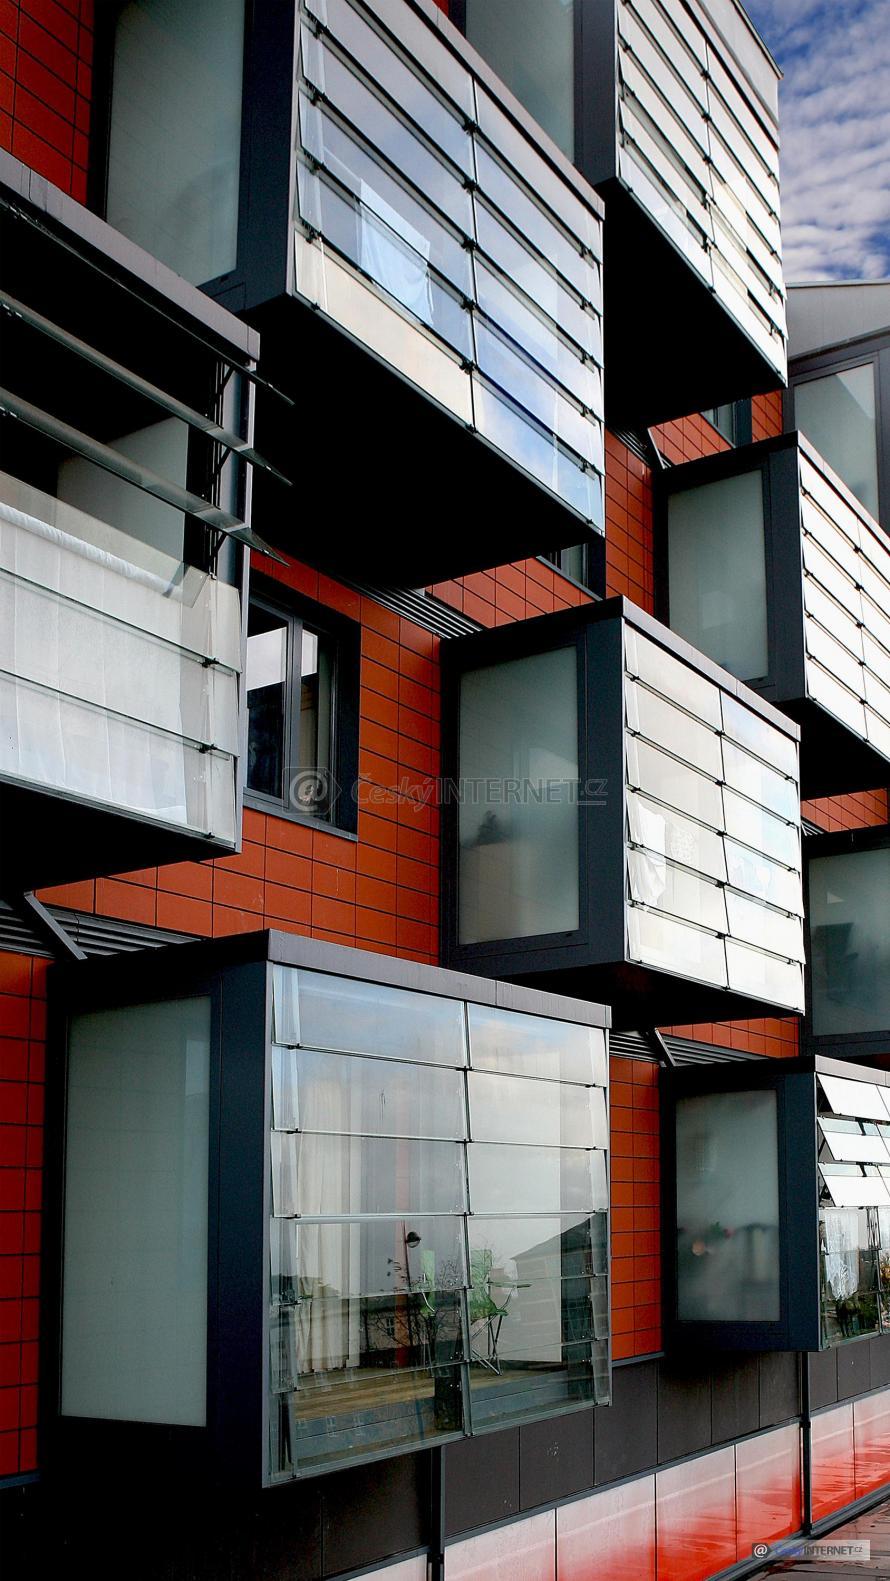 Moderní bytový dům s prosklenými lodžiemi.